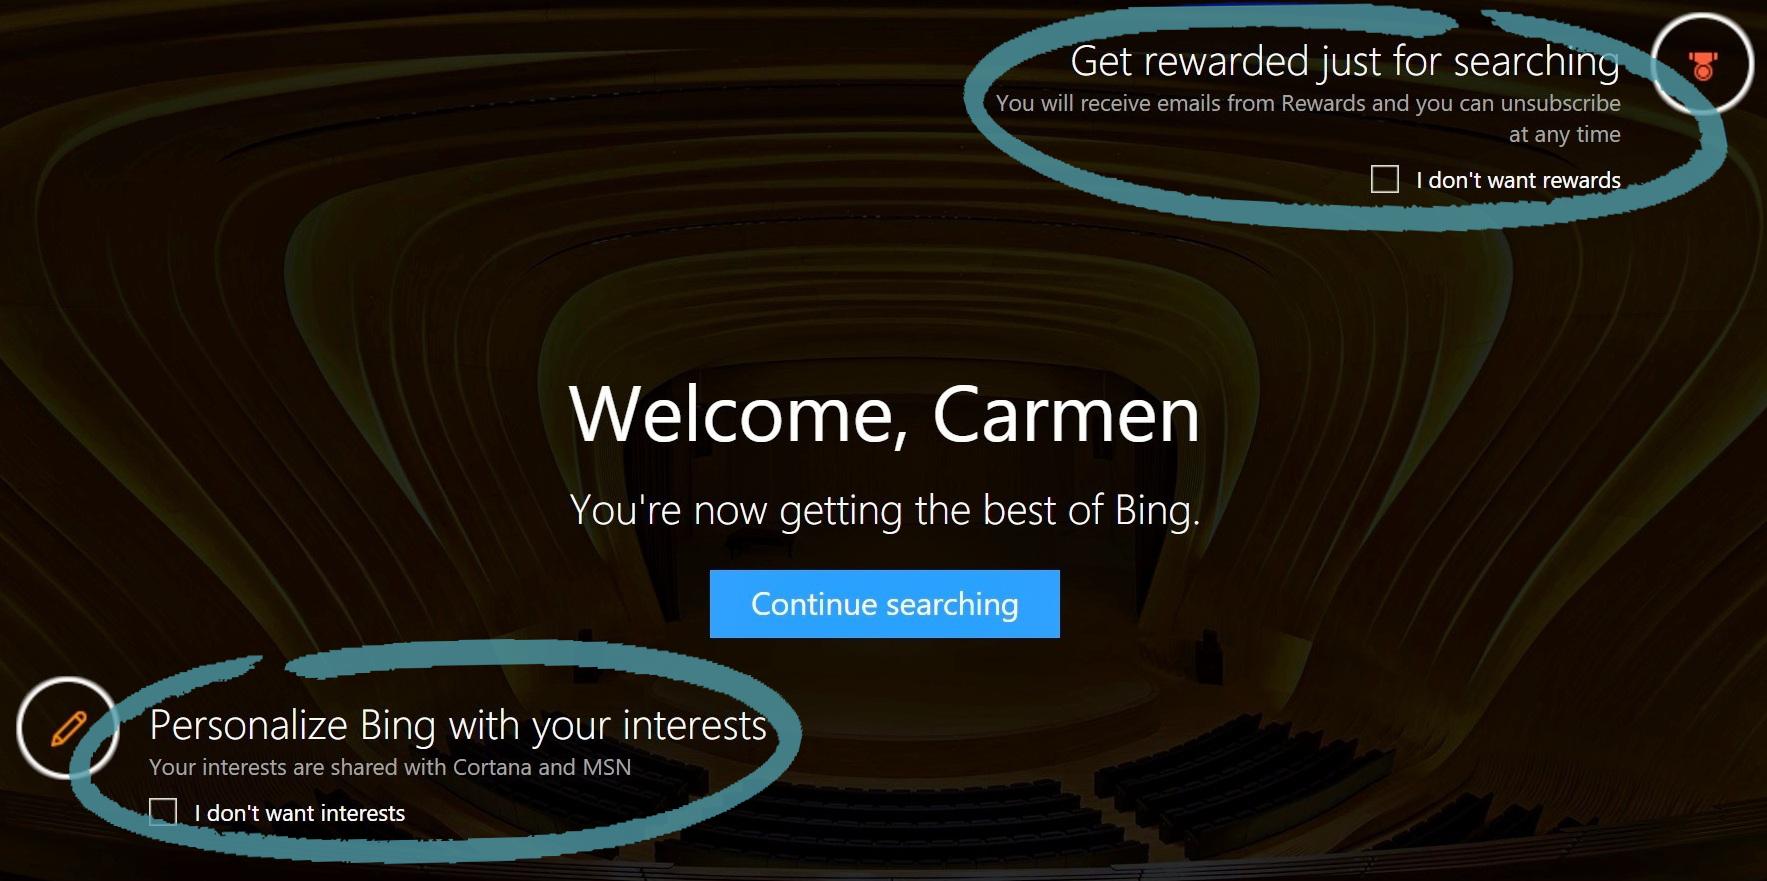 Bing sākumlapa ar atlīdzības programmas un interešu jomu lietošanas iespējām